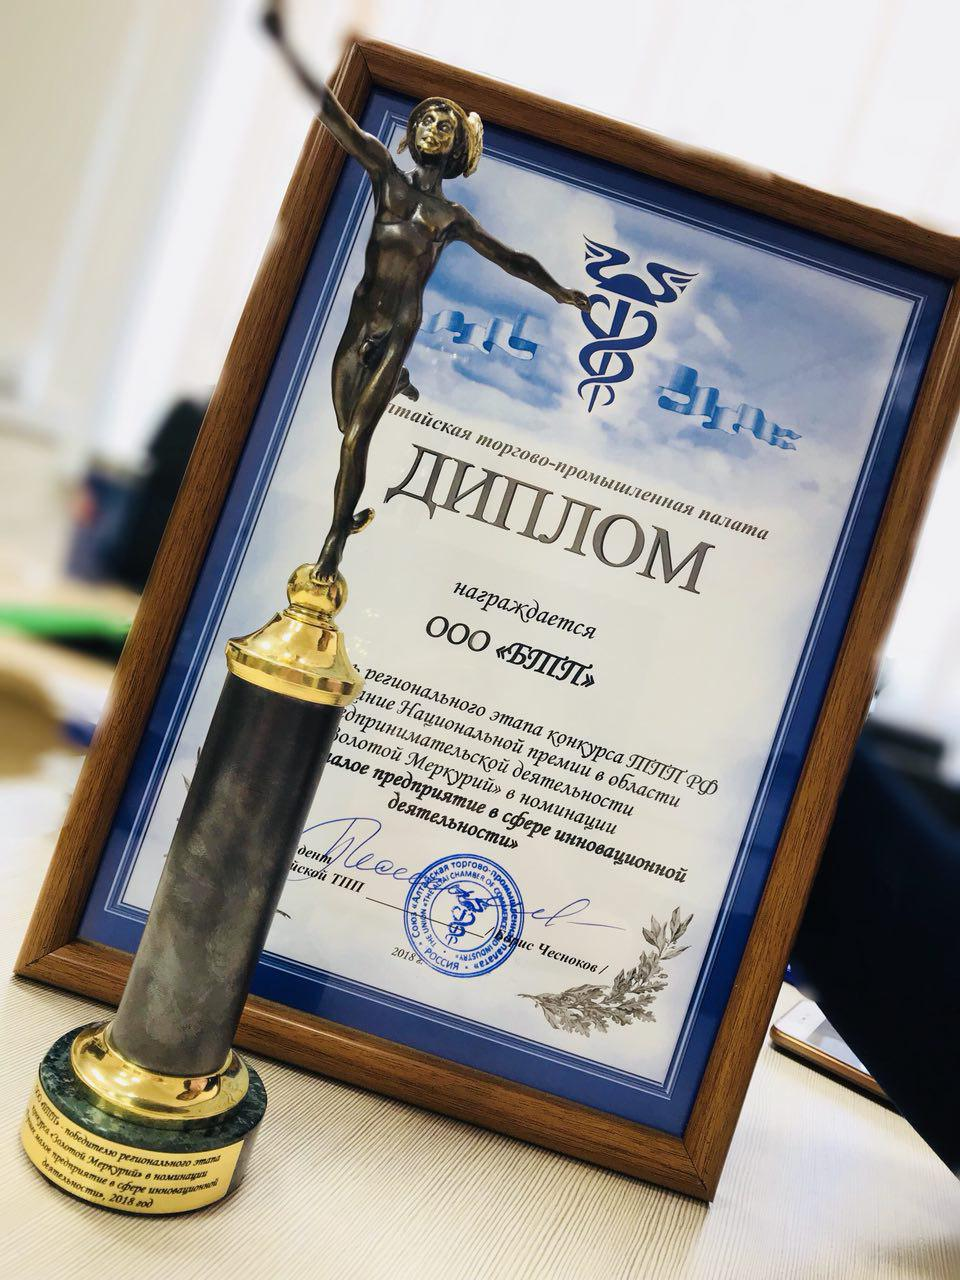 ООО «БТП» - победитель регионального этапа национальной премии в области предпринимательской деятельности «Золотой Меркурий»